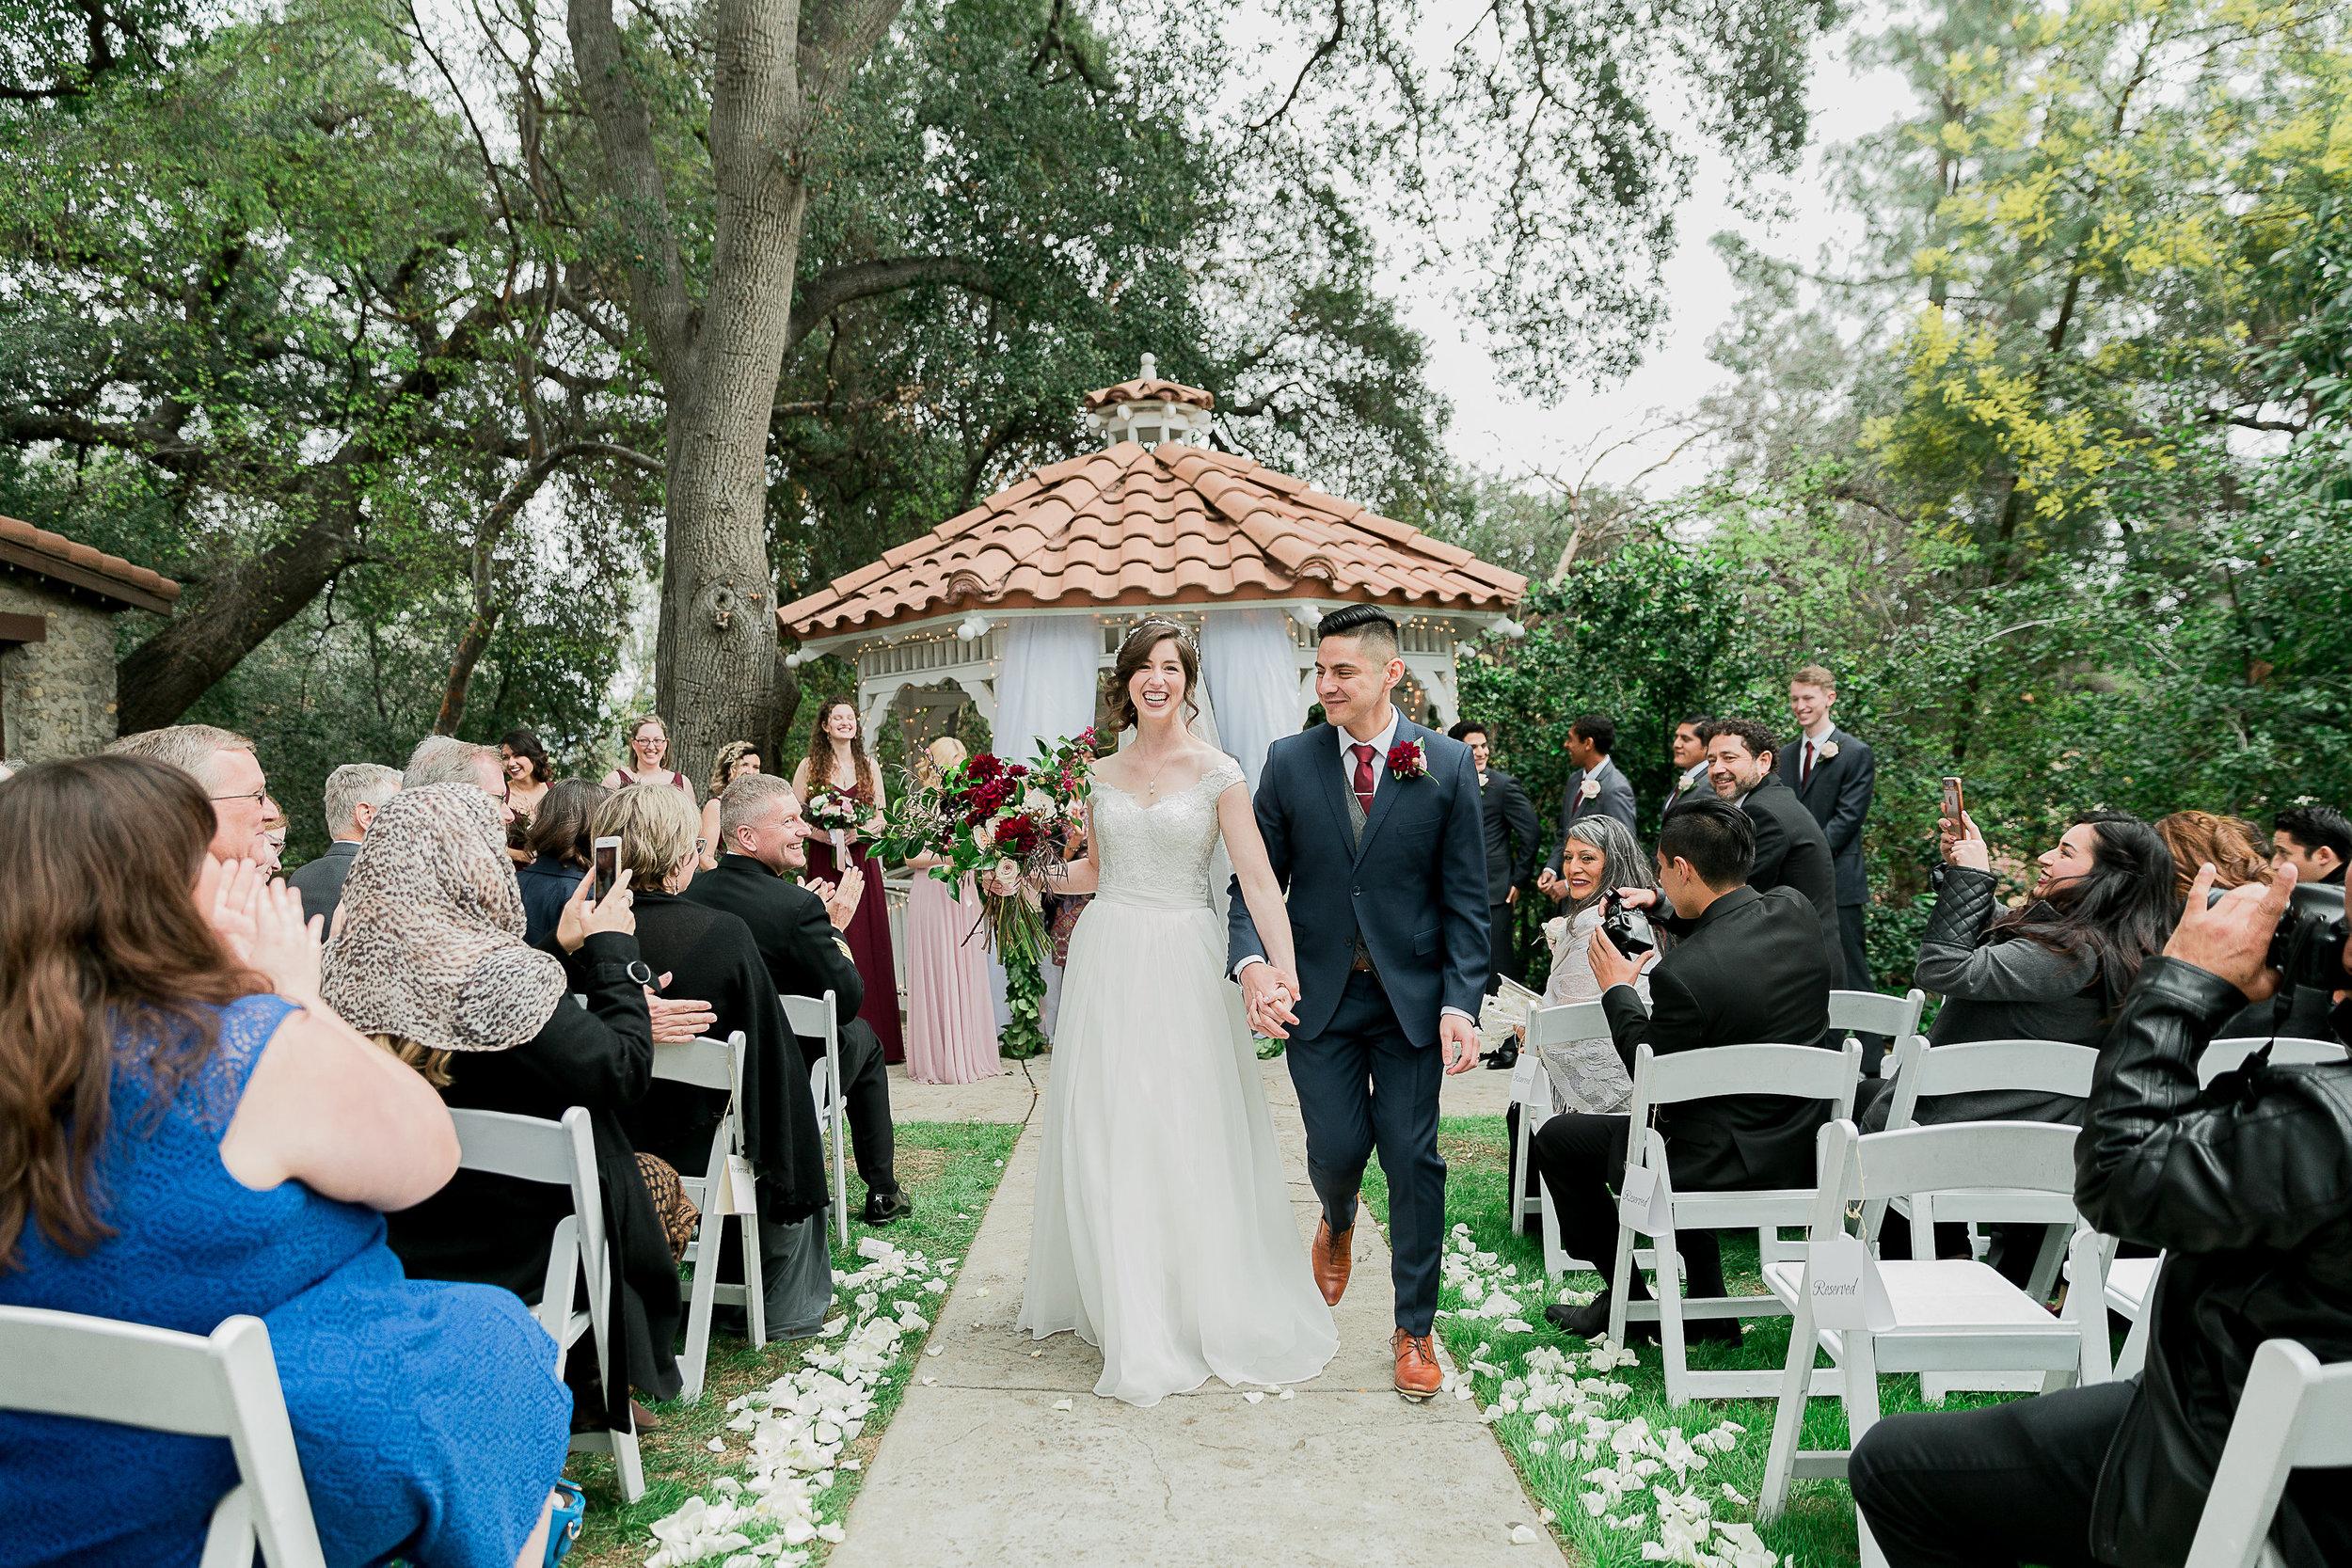 CUEVAS-WEDDING-SNEAK-PEEK-0063.jpg